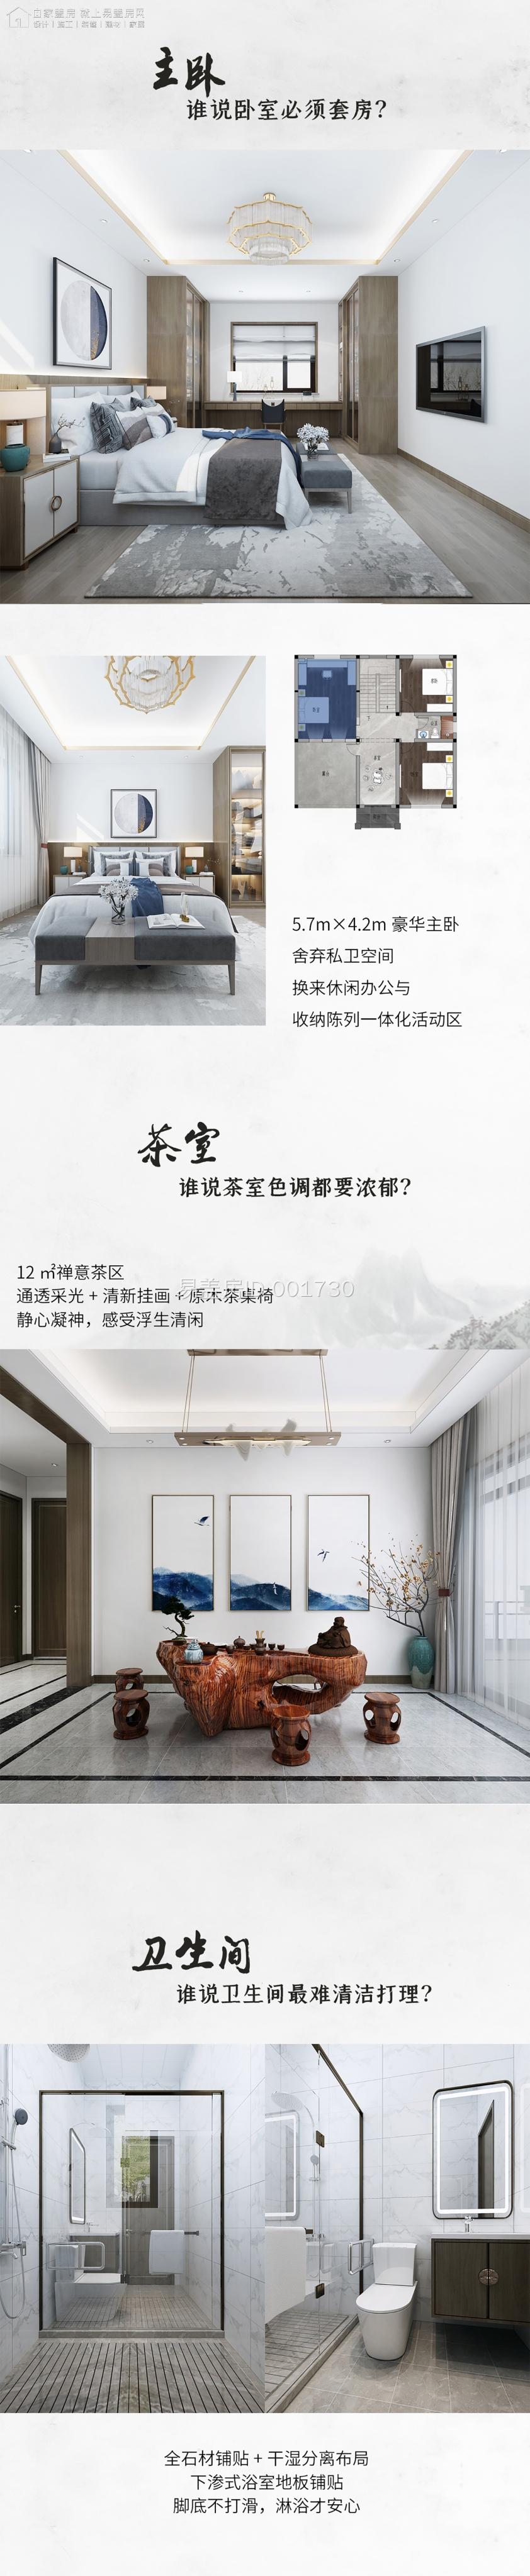 中式室內長圖_04.jpg